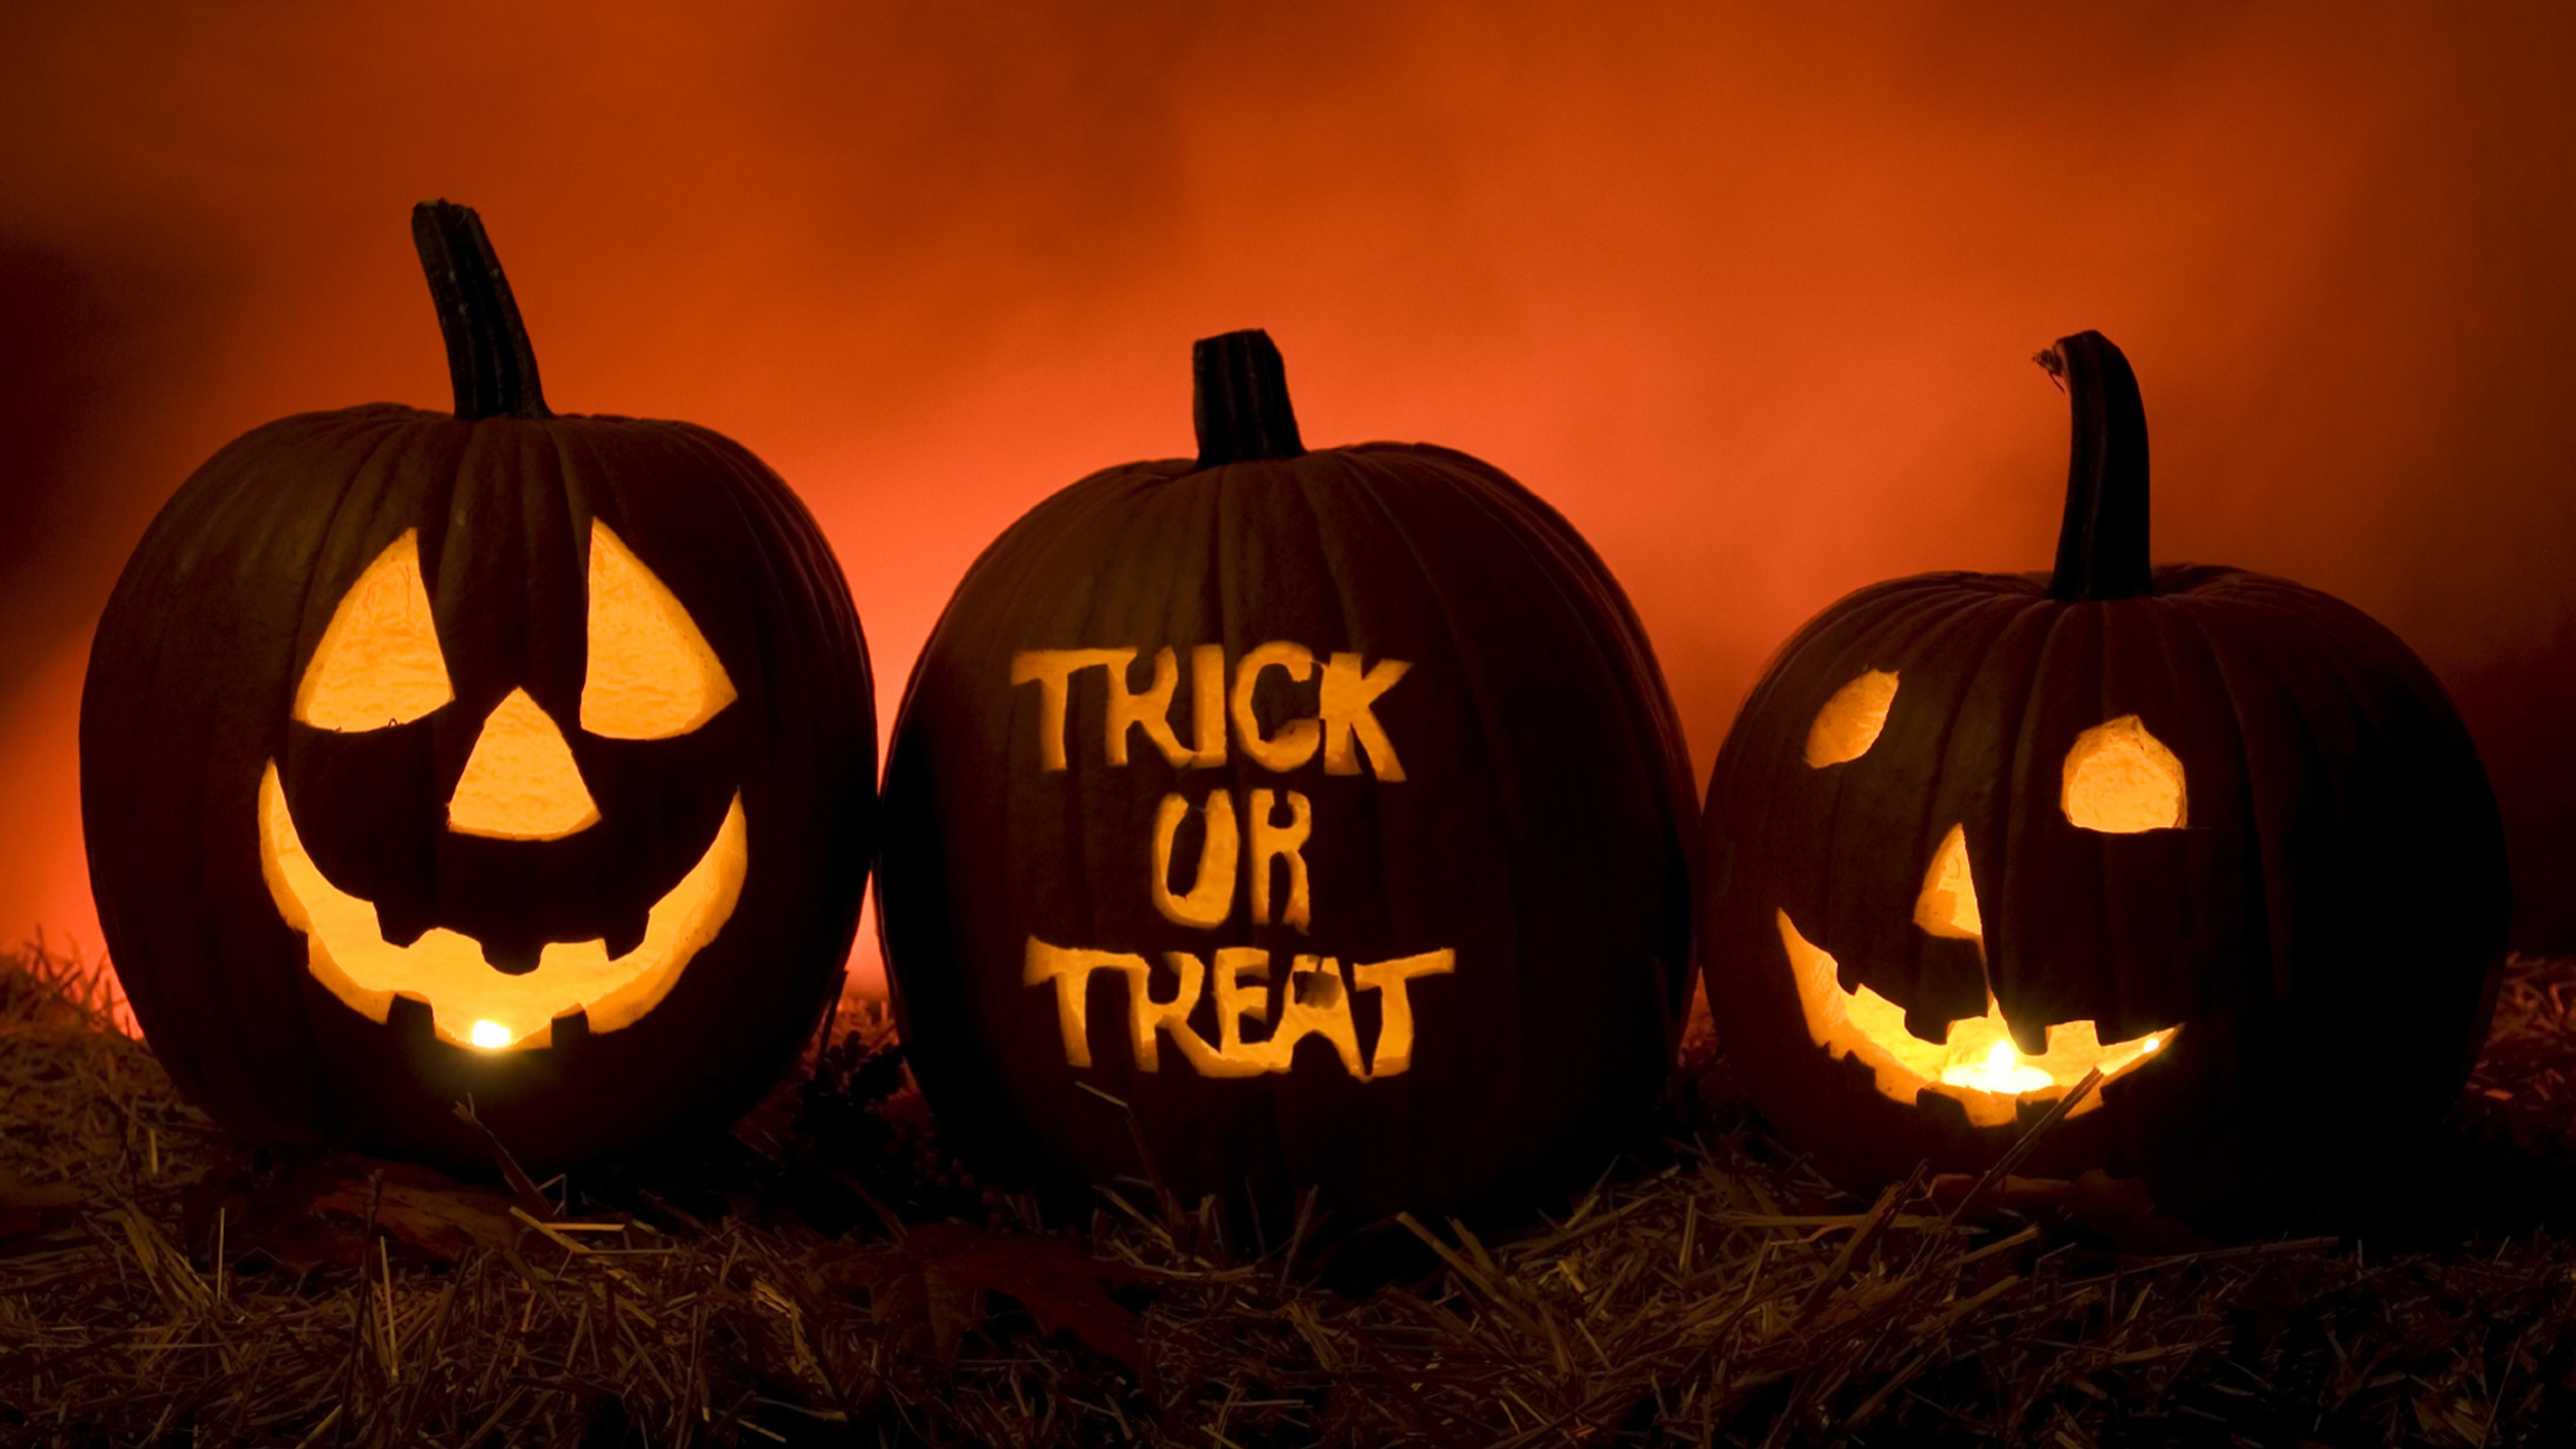 trick or treat happy pumpkins of halloween wallpaper download 5120x2880 - Halloween Wallpaper Download